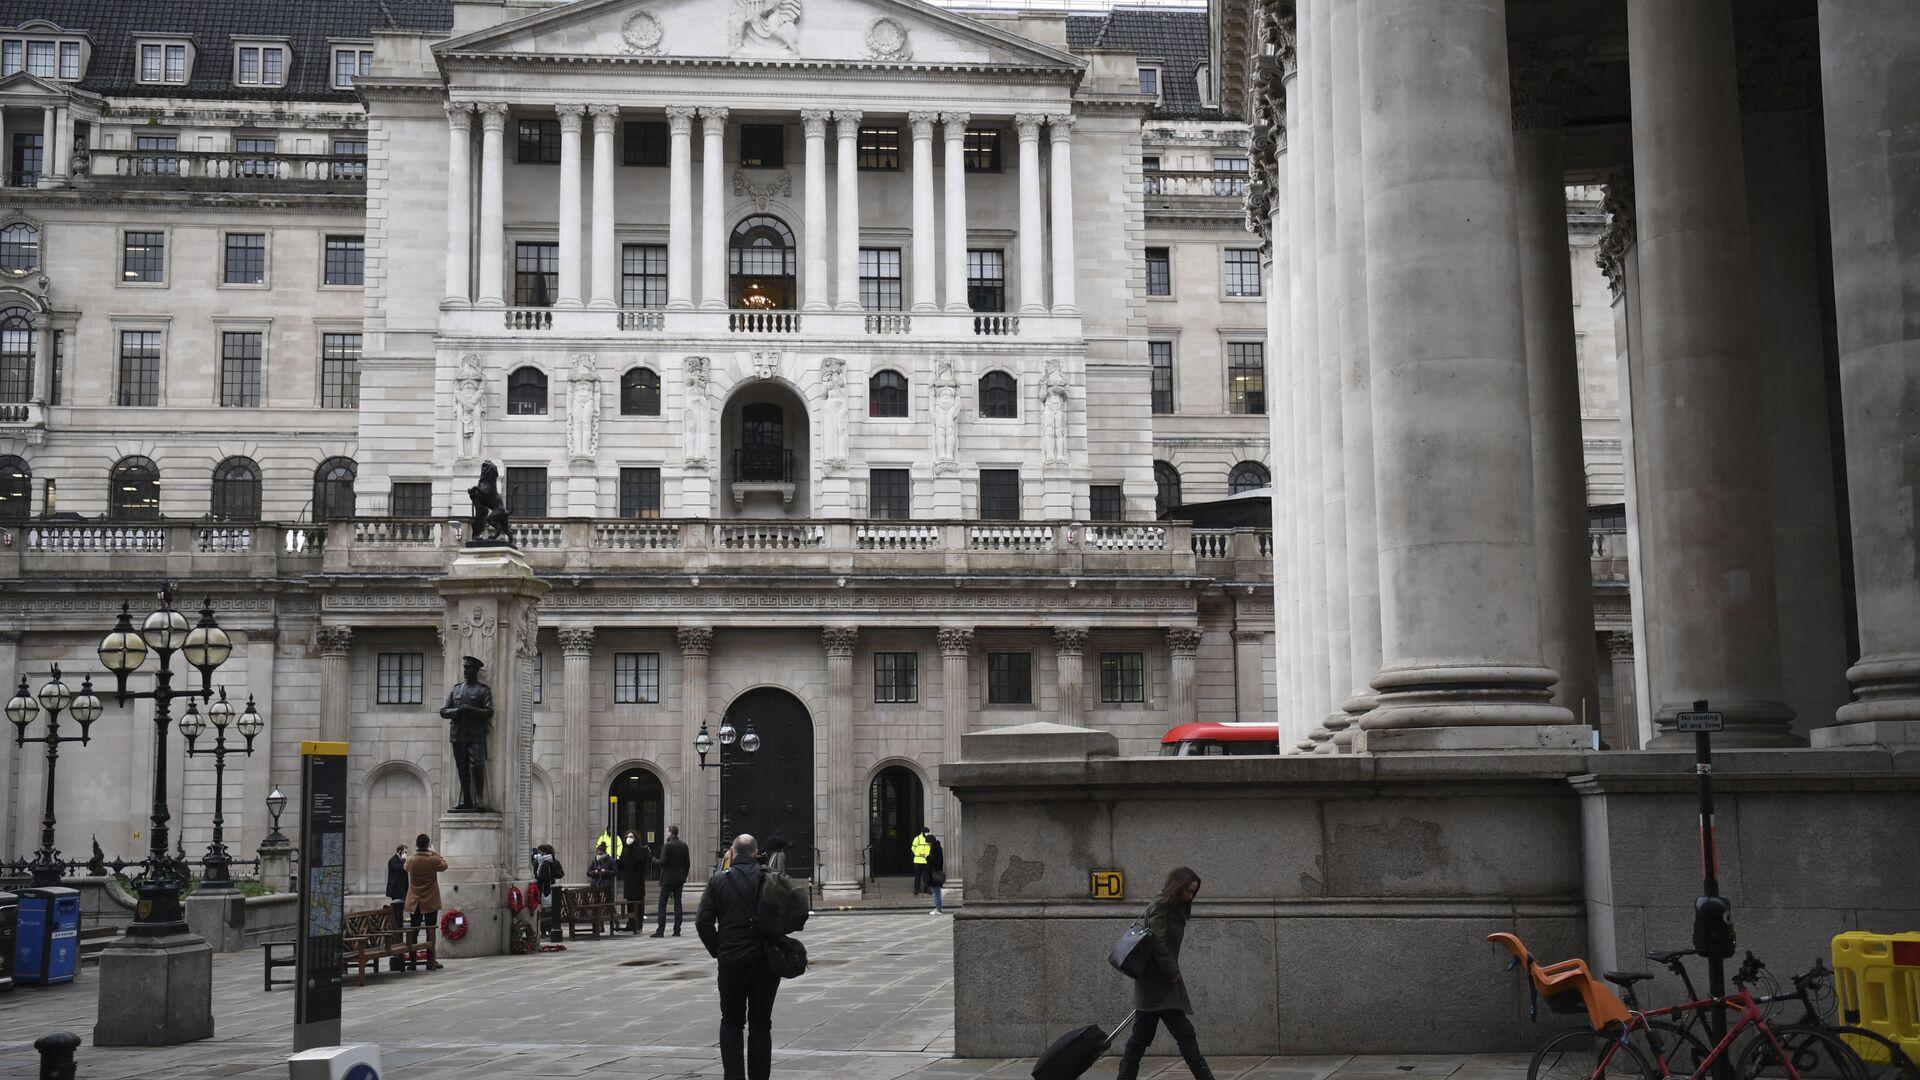 ლონდონის სამეფო ბანკი, ლონდონის ბირჟა - Sputnik საქართველო, 1920, 21.09.2021